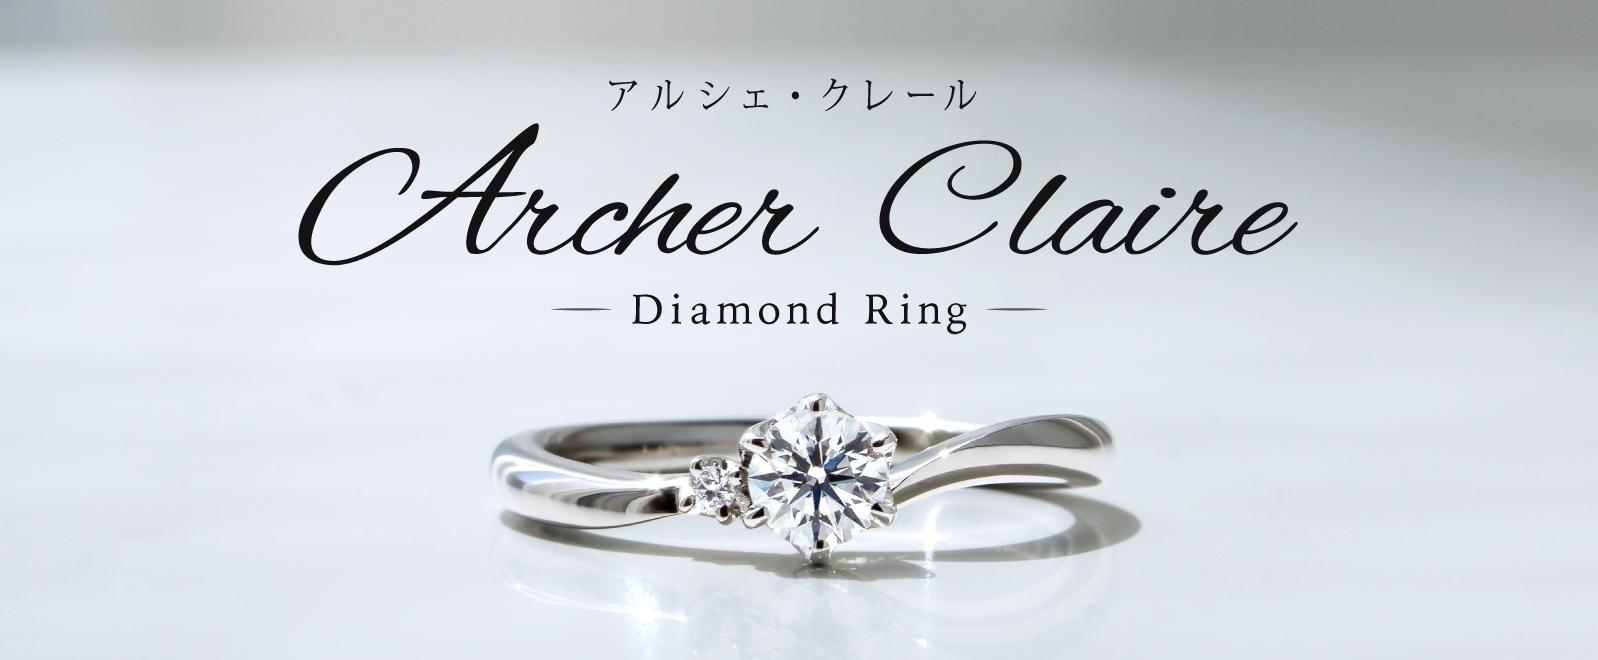 アルシェ 婚約指輪 バナー